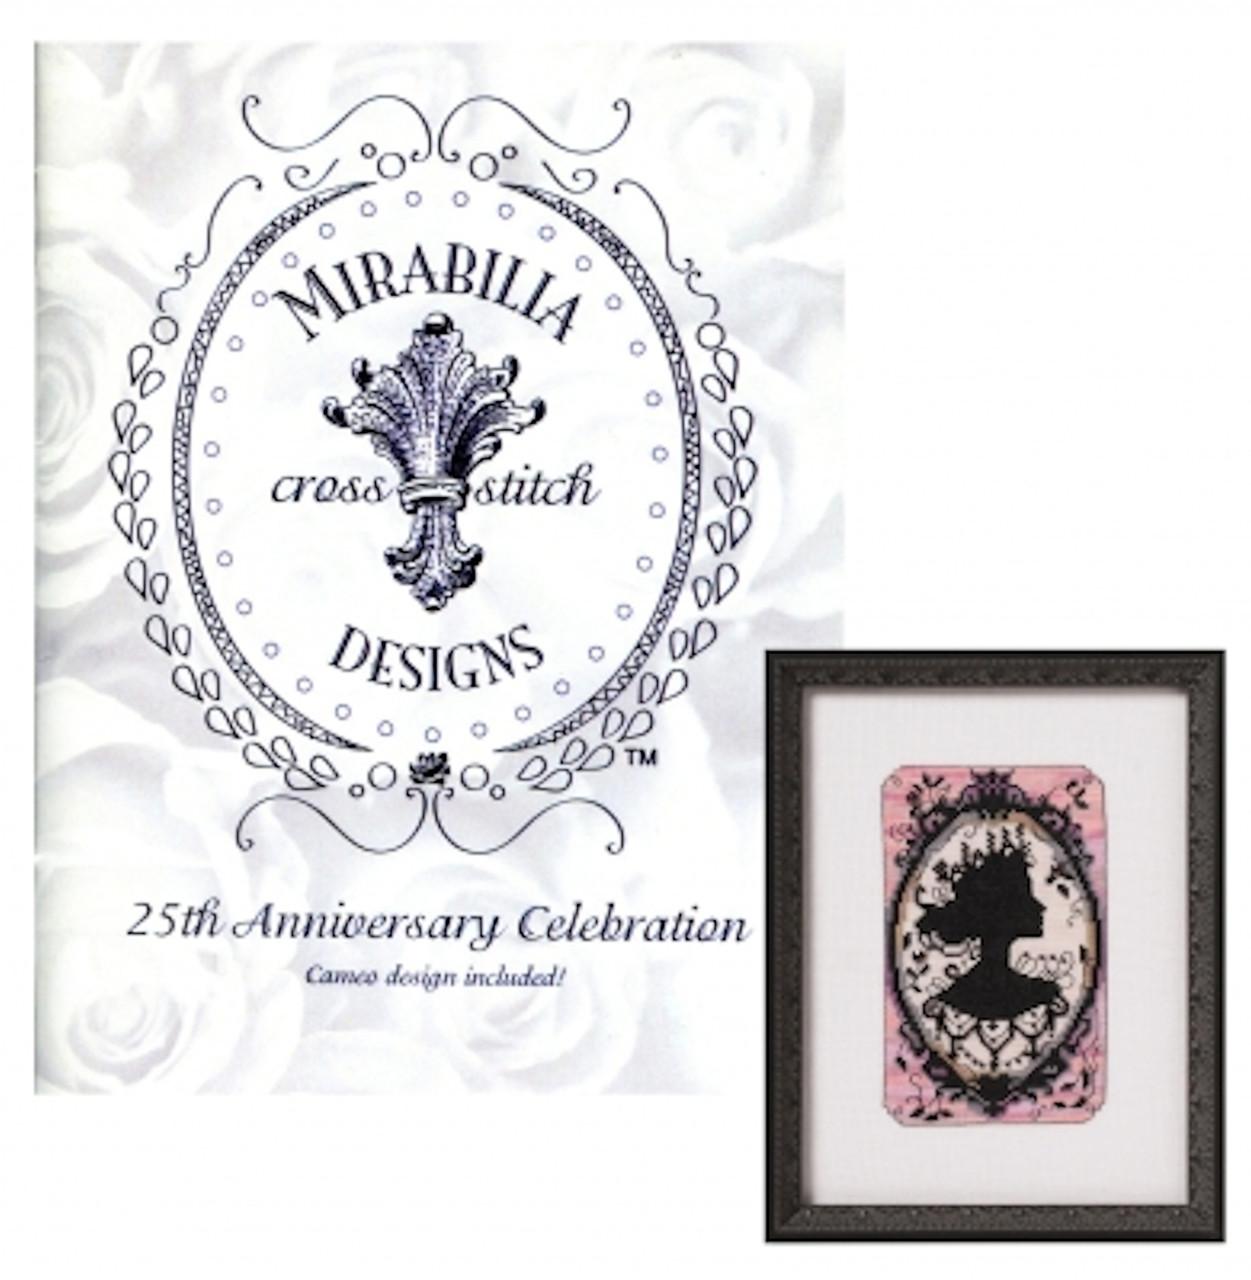 Mirabilia - 25th Anniversary Celebration Booklet